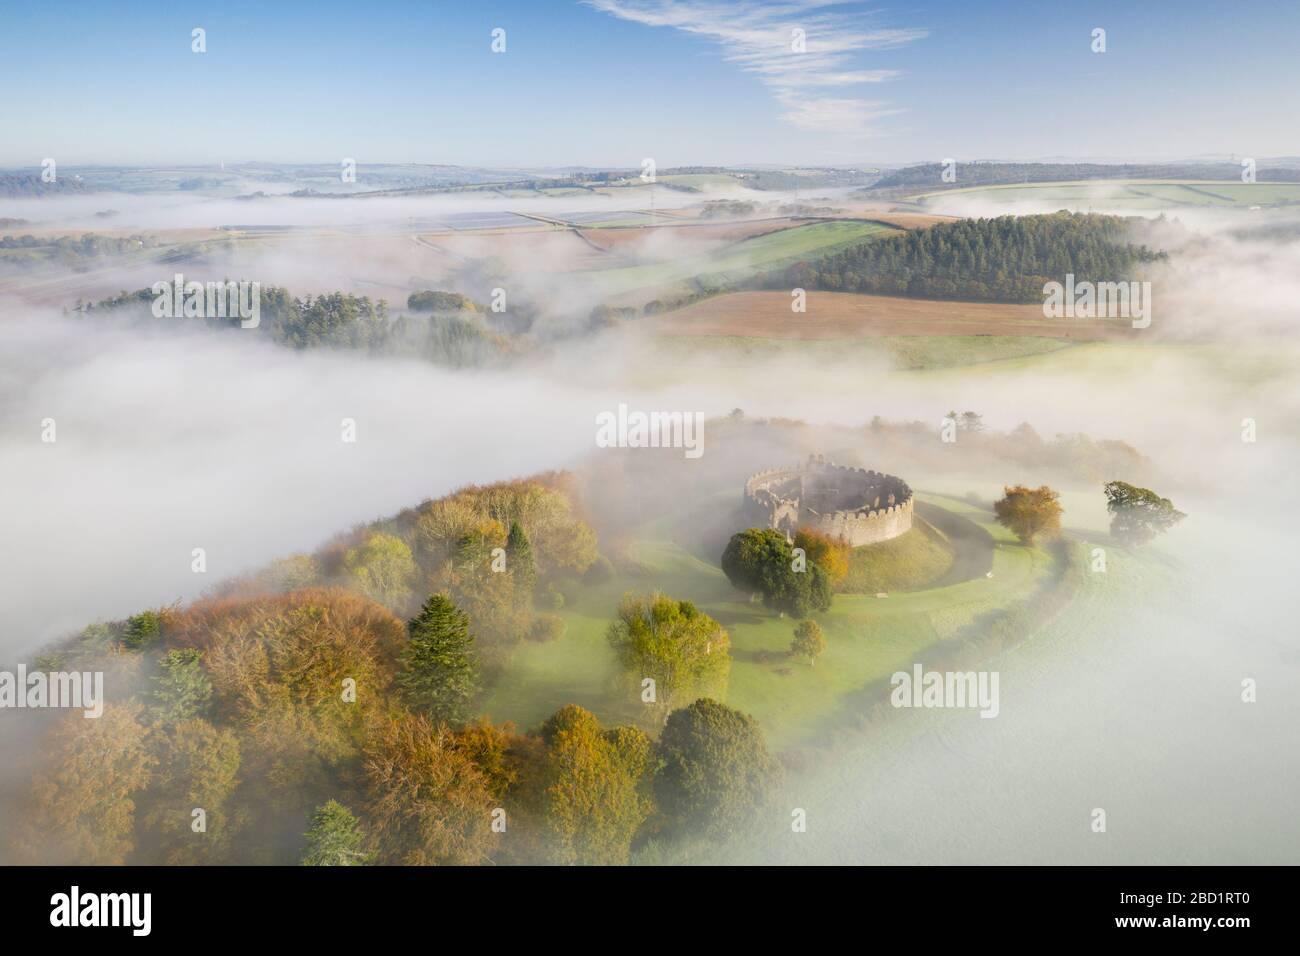 Veduta aerea dal drone del Castello di Restormel in una mattinata d'autunno, Lostwithiel, Cornovaglia, Inghilterra, Regno Unito, Europa Foto Stock